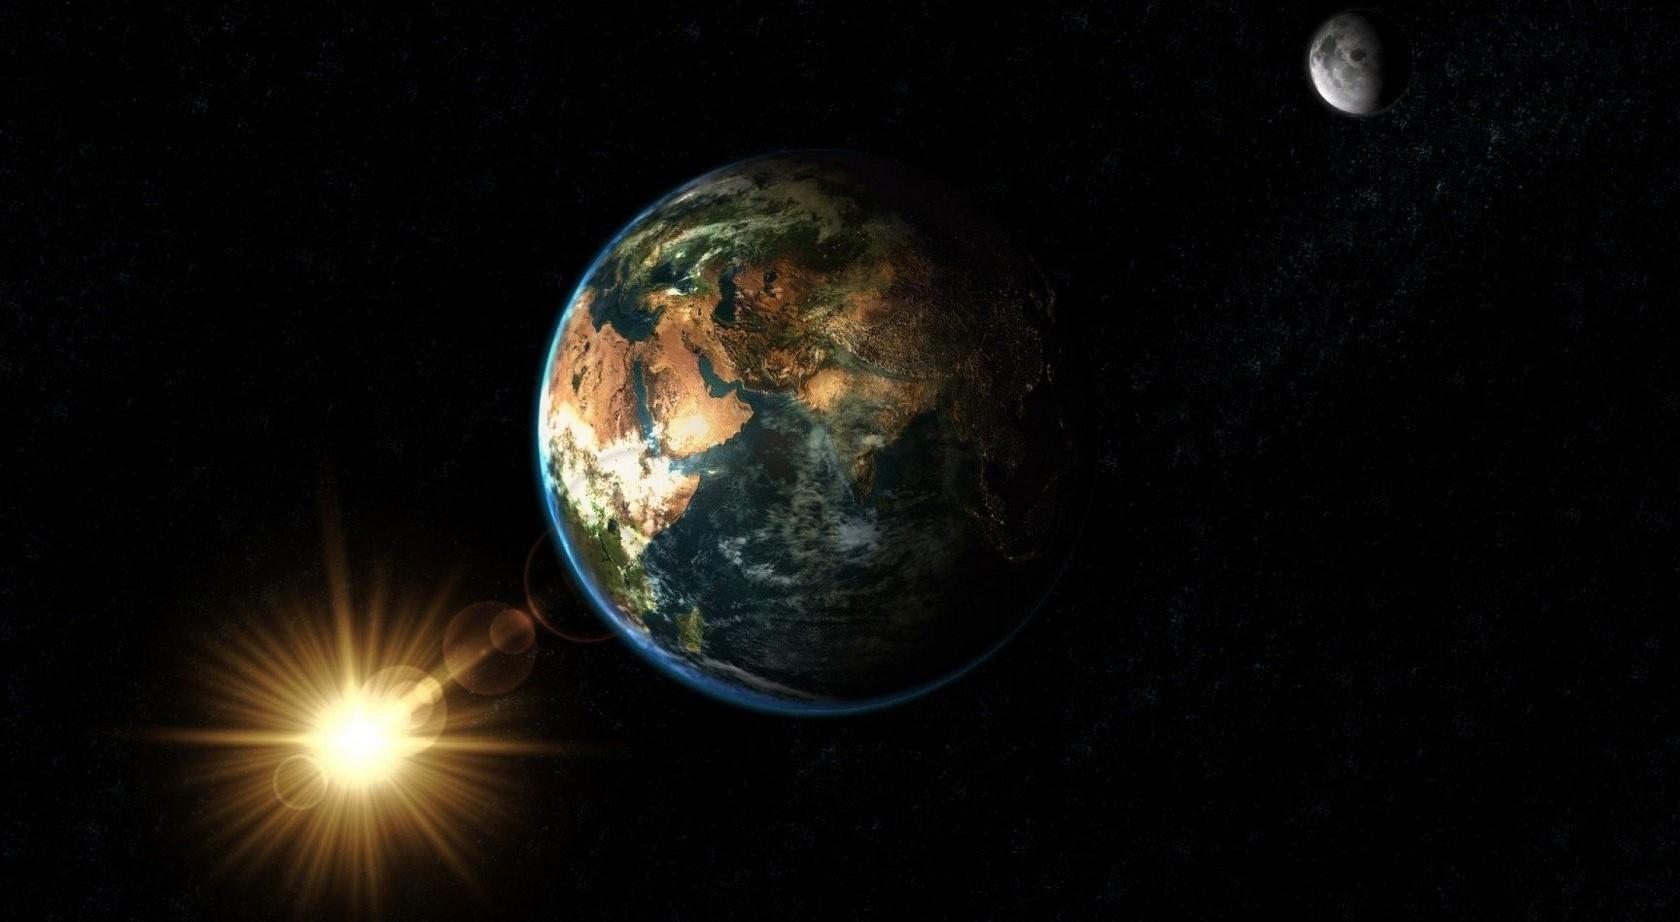 Конец света не наступит еще многие триллионы лет